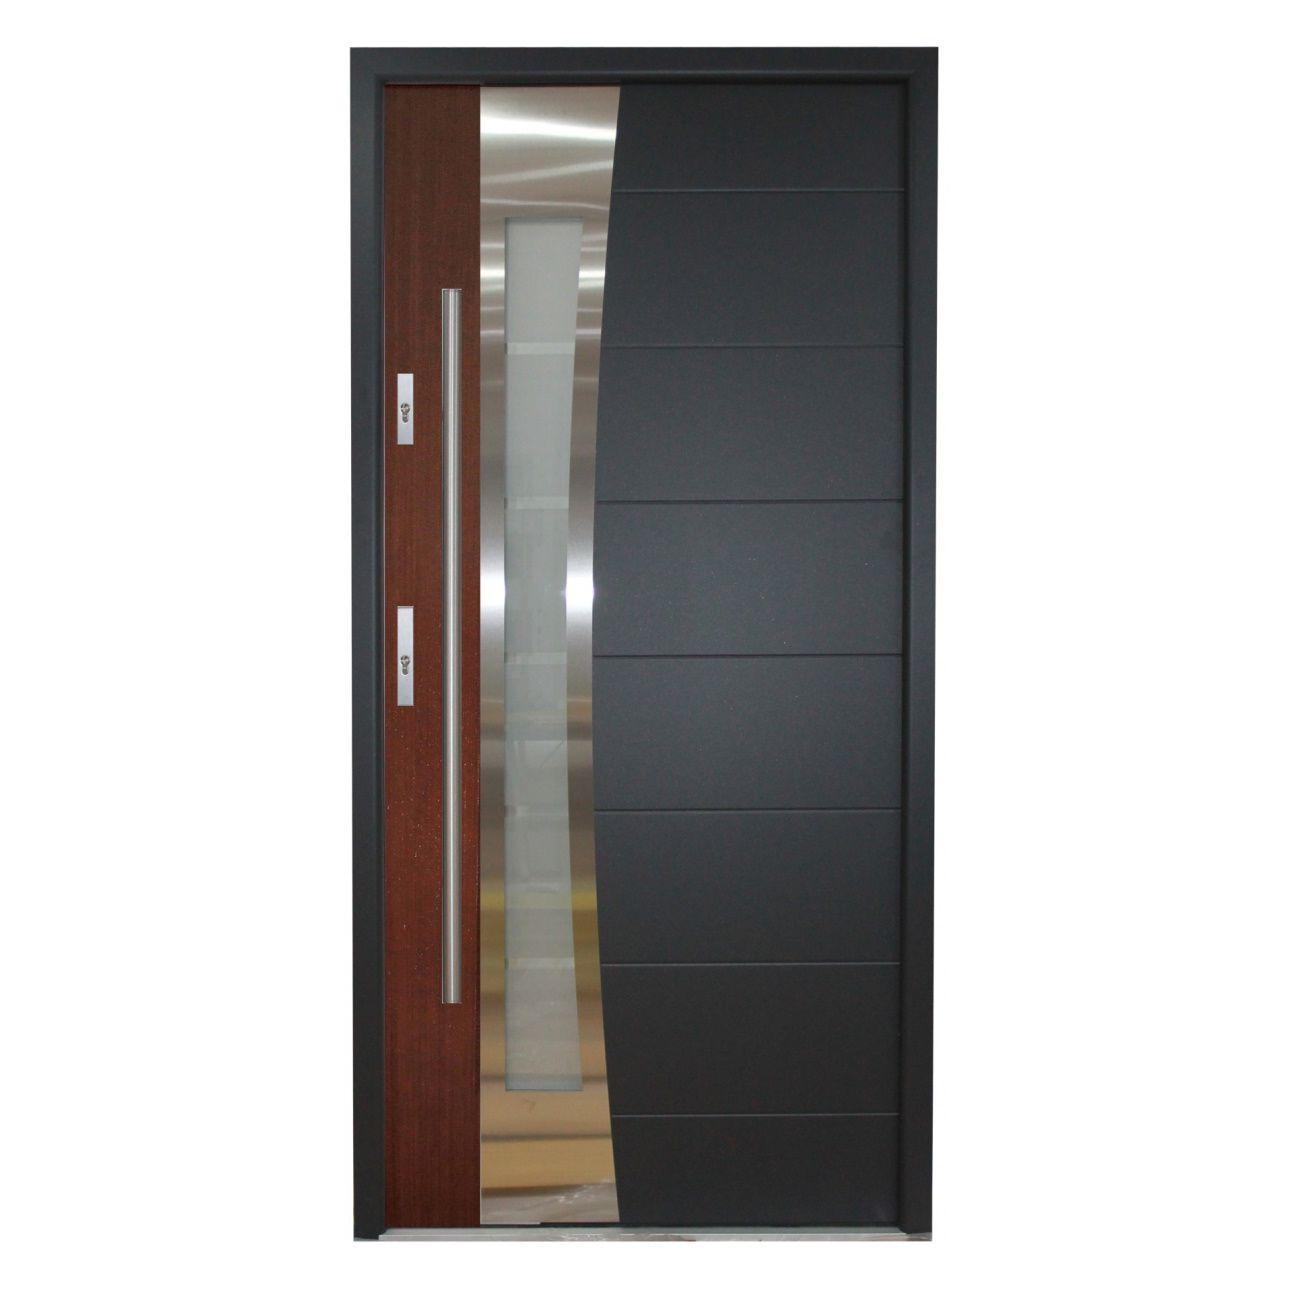 entry door / swing / wood veneer / stainless steel - PORTO  sc 1 st  ArchiExpo & Entry door / swing / wood veneer / stainless steel - PORTO - Ville Doors